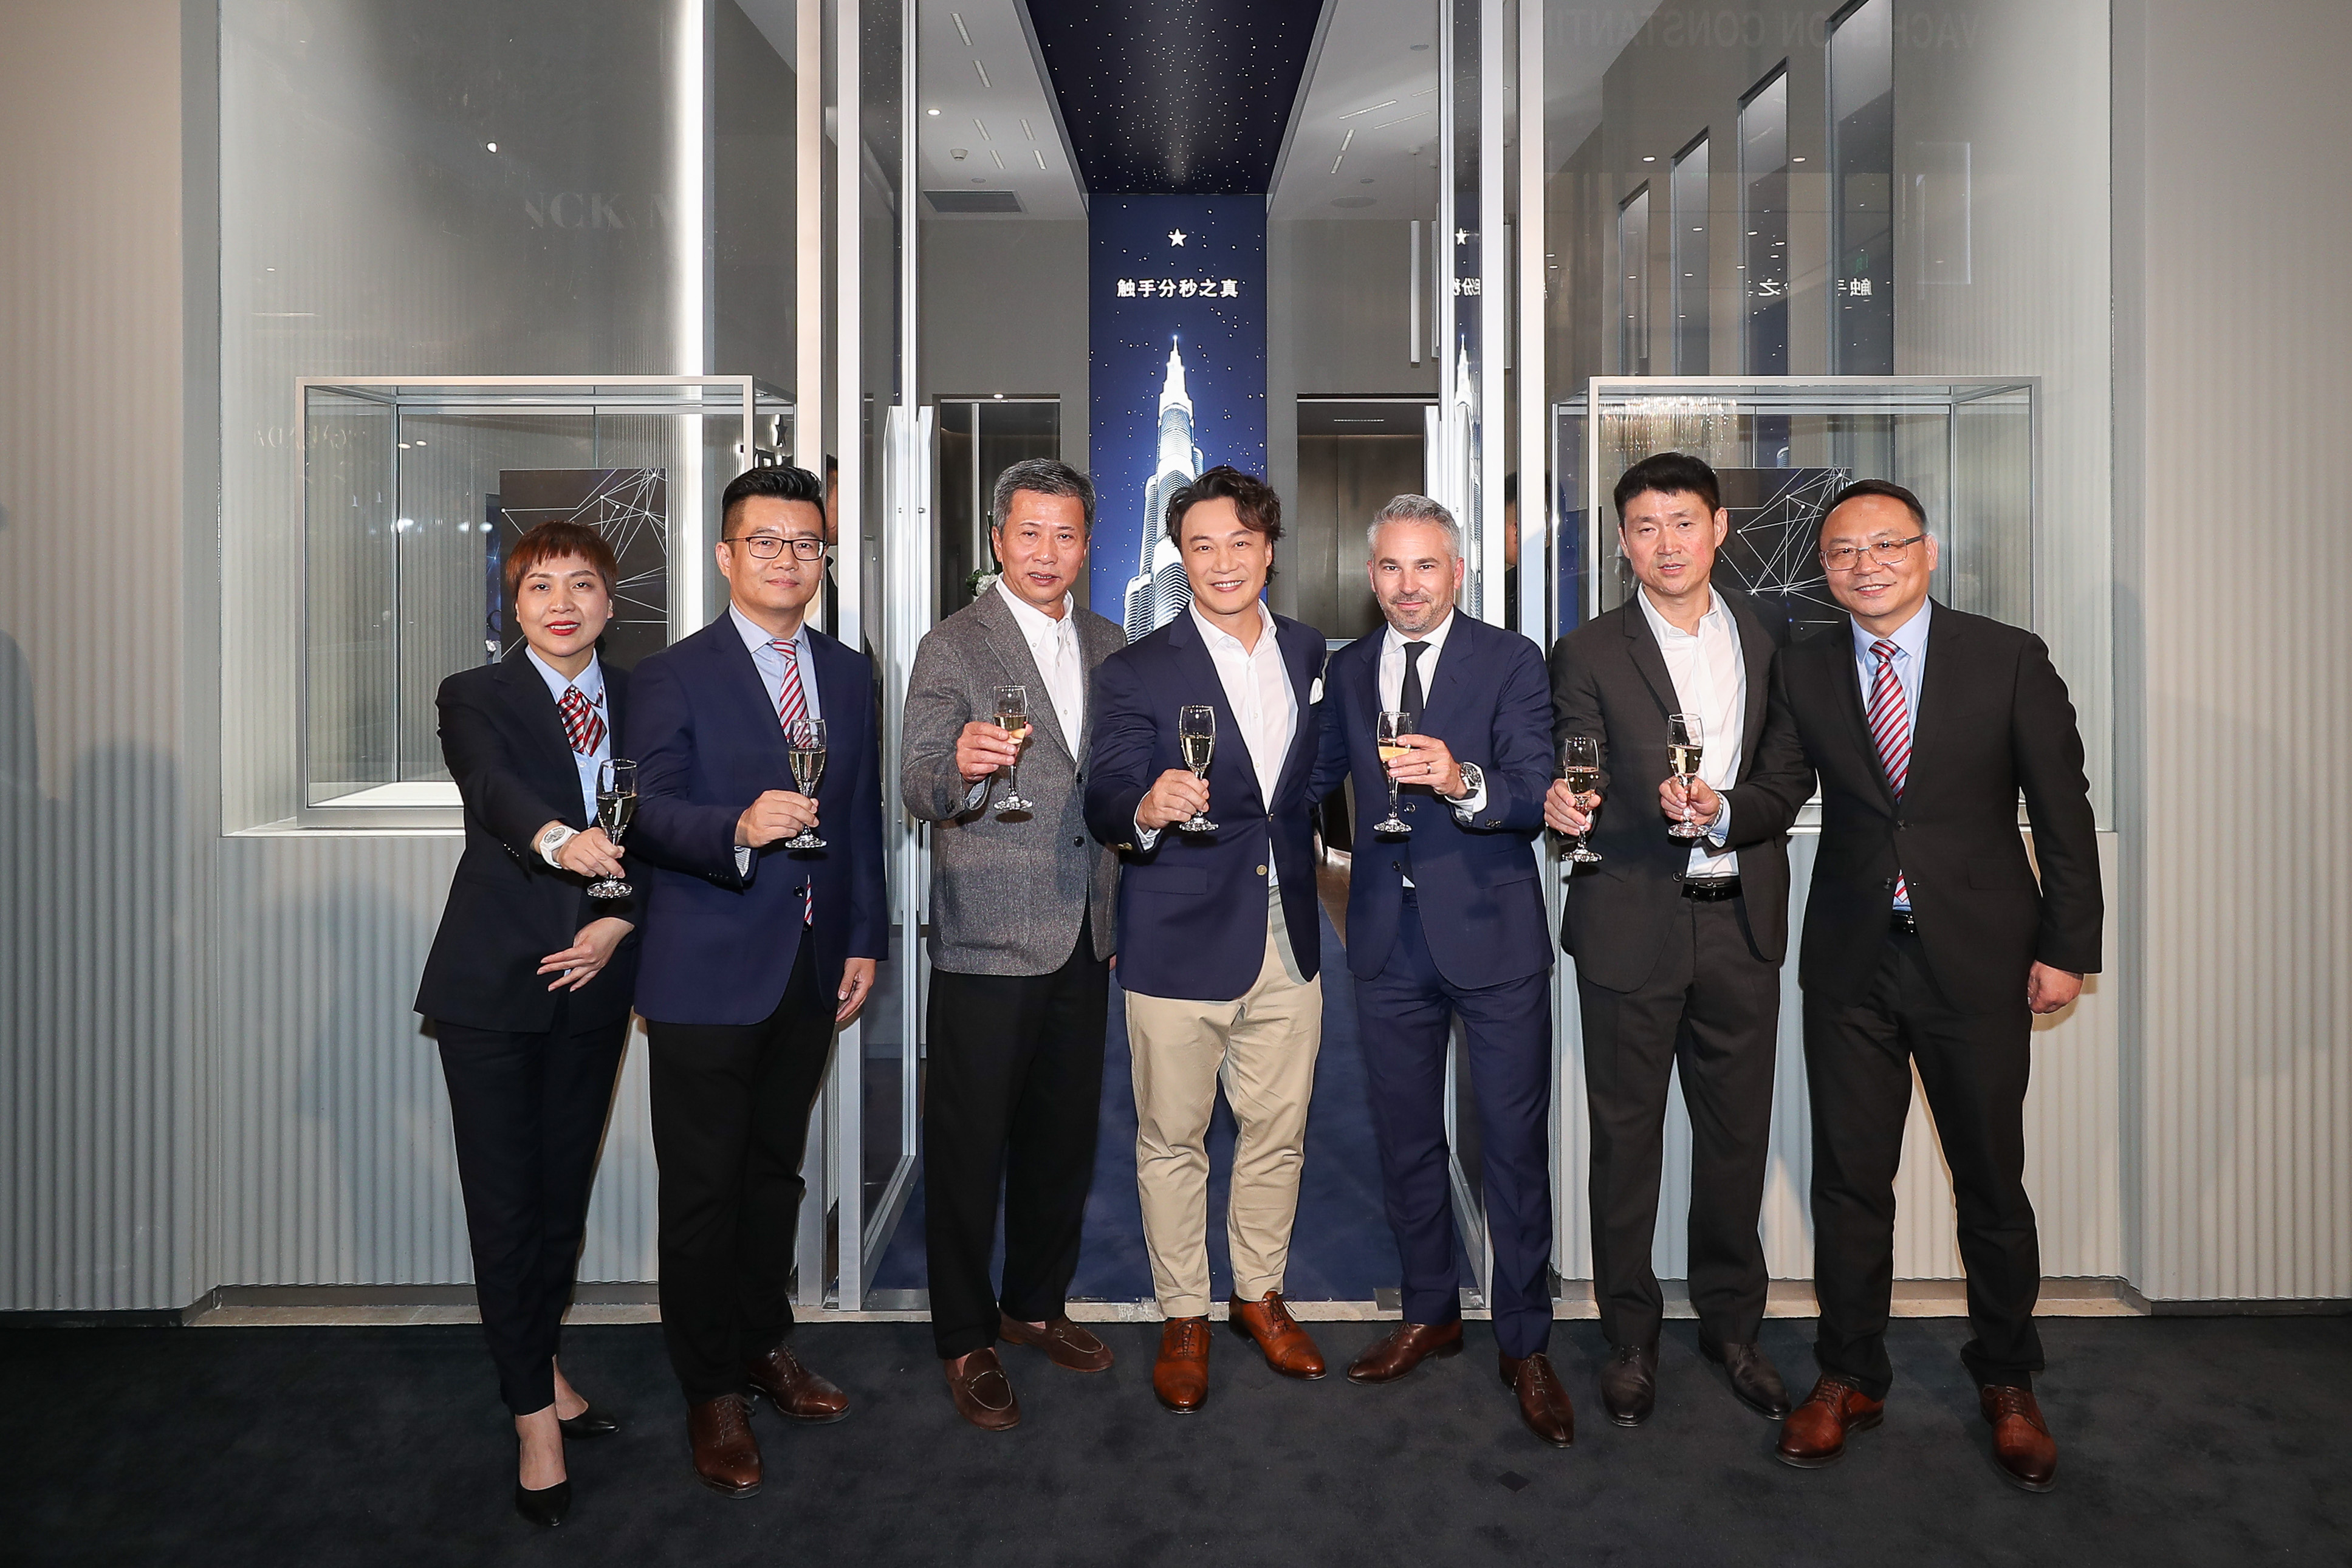 Zenith_boutique opening Zhengzhou (2)